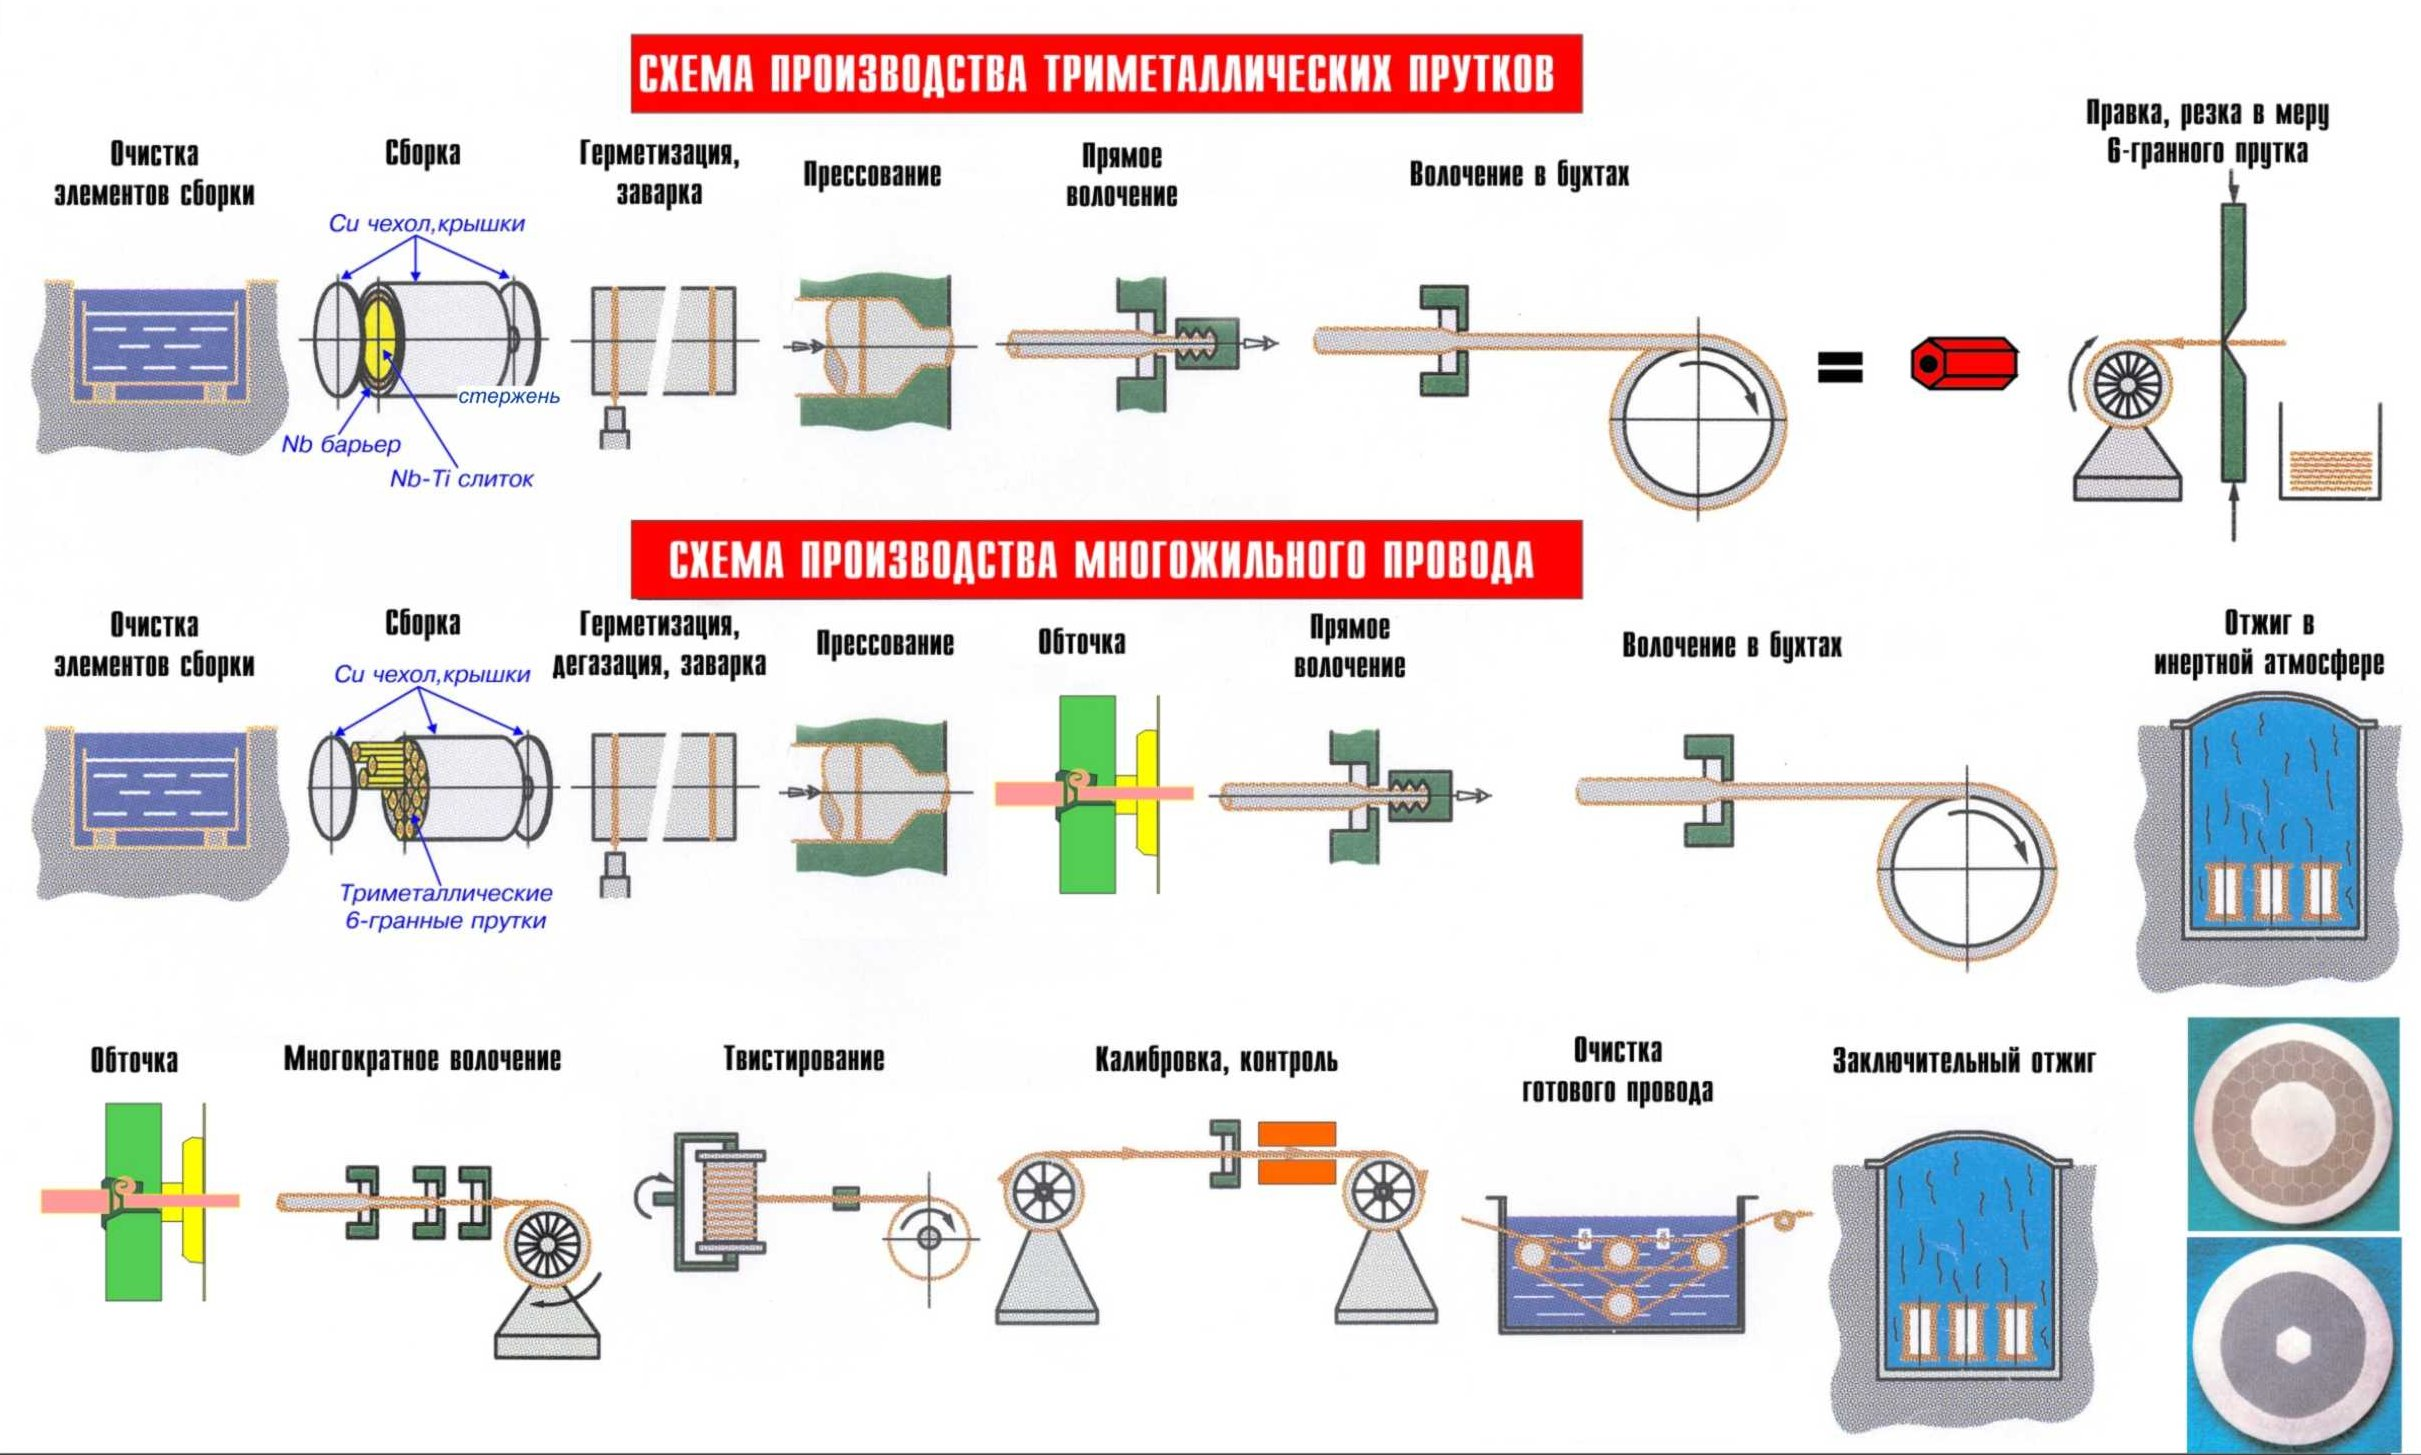 Технологическая схема производства многожильных NbTi сверхпроводников.